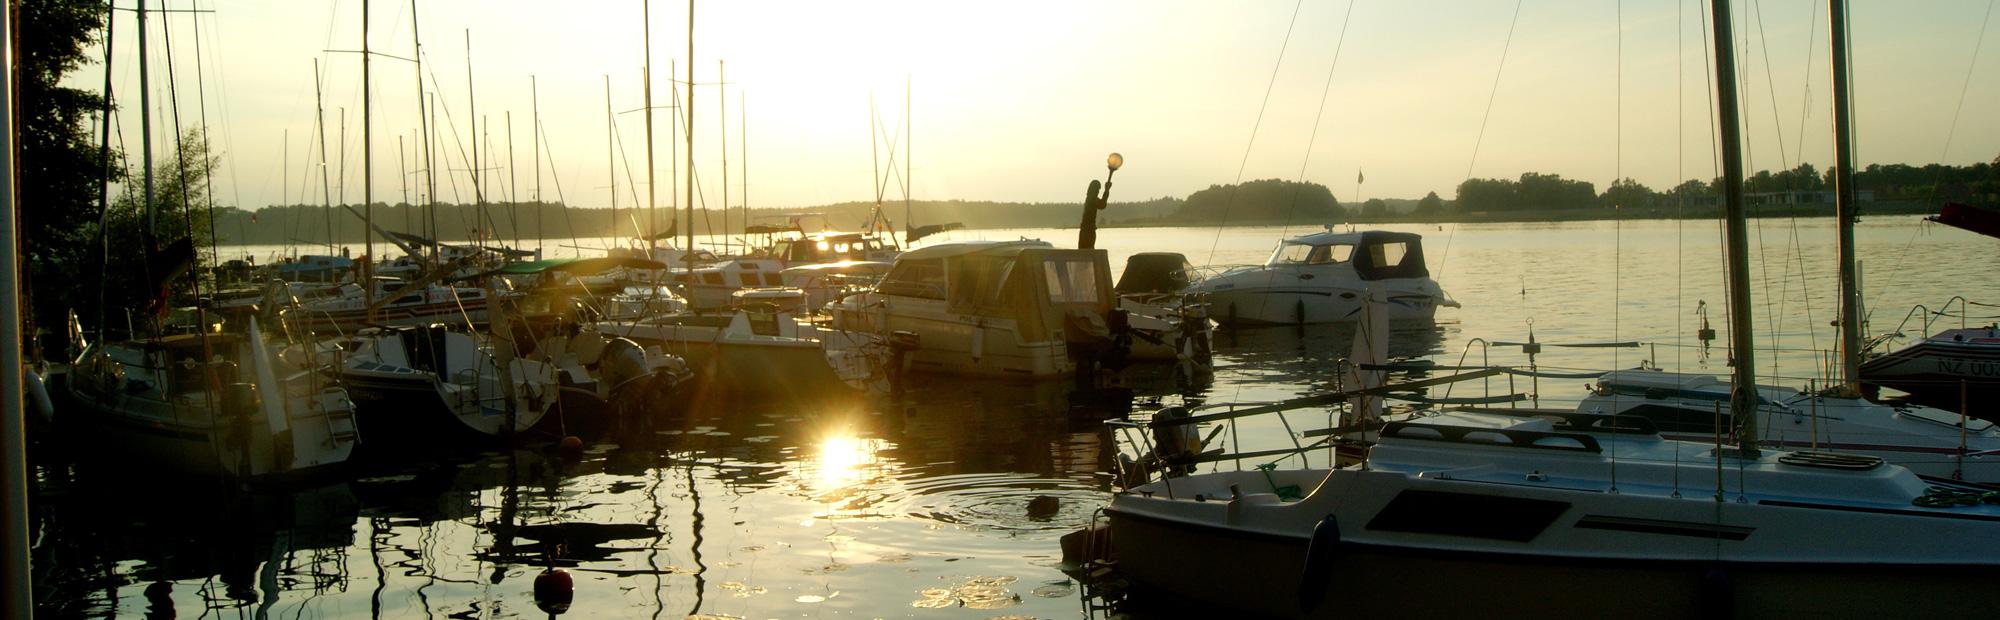 Wypożyczalnia sprzętu wodnego Ostróda